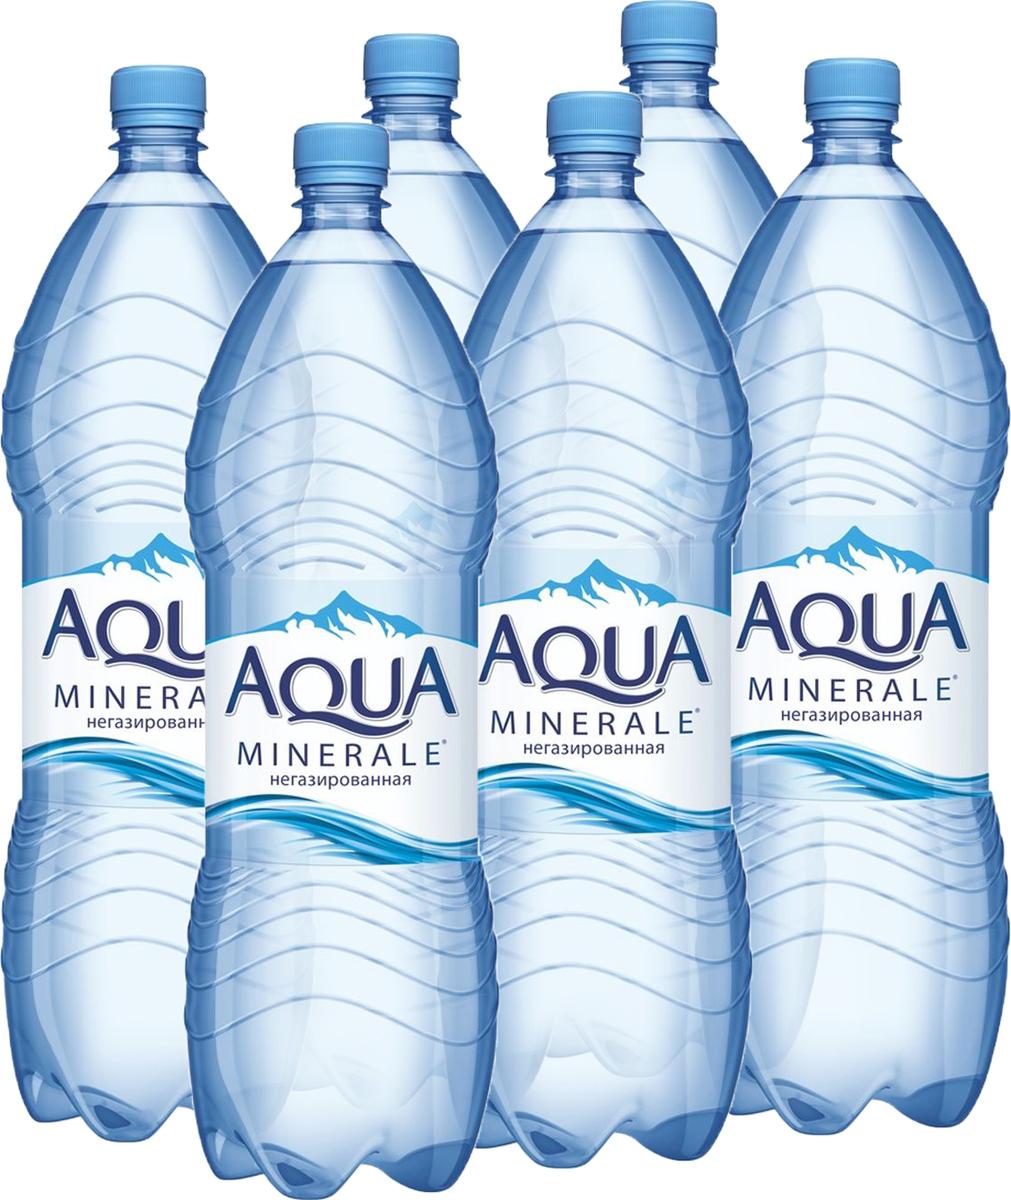 Aqua Minerale вода питьевая негазированная, 6 штук по 2 л